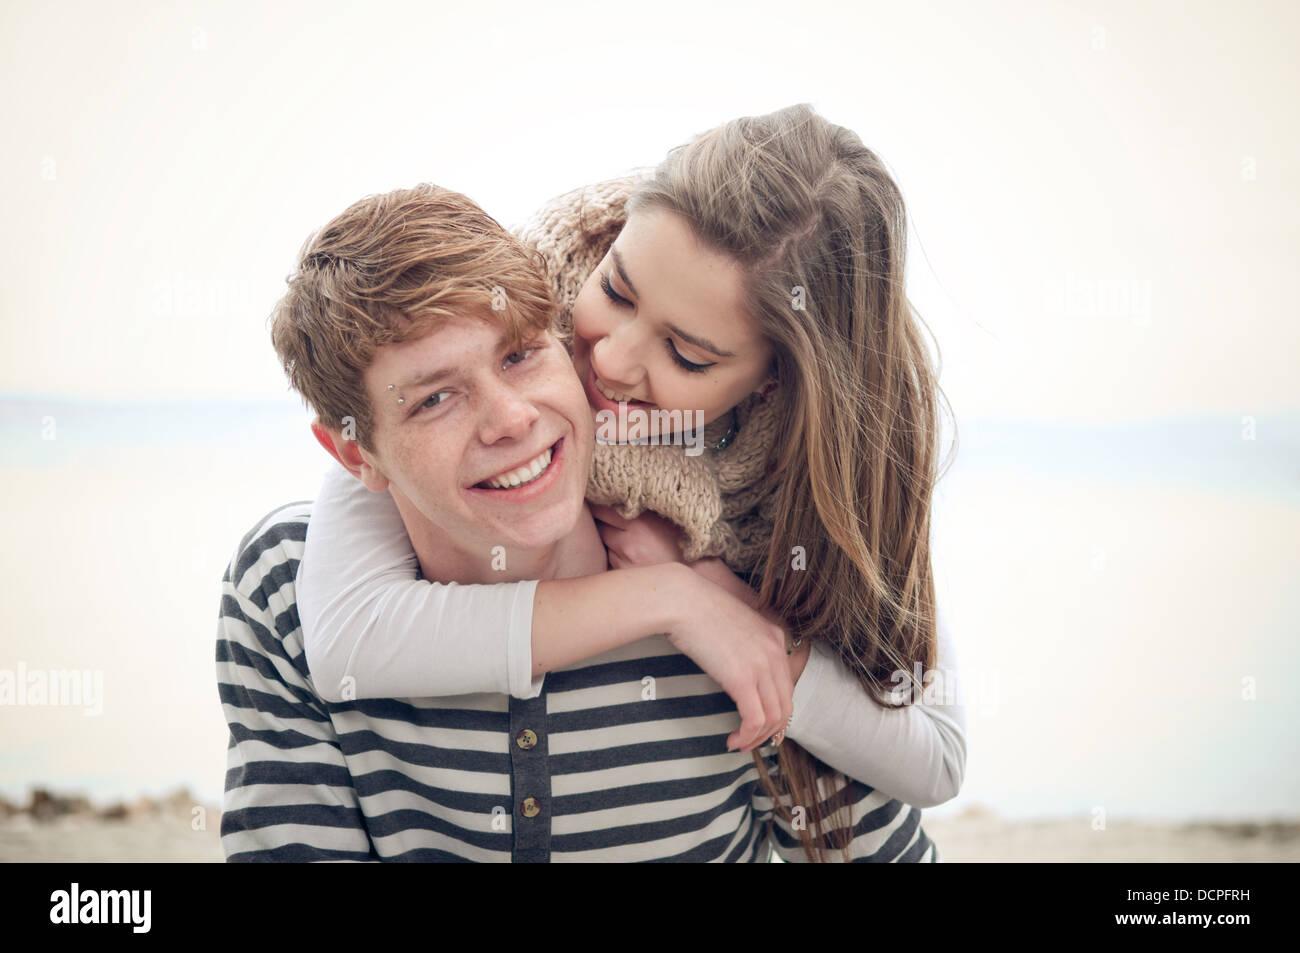 Felice coppia adolescenti in amore Immagini Stock